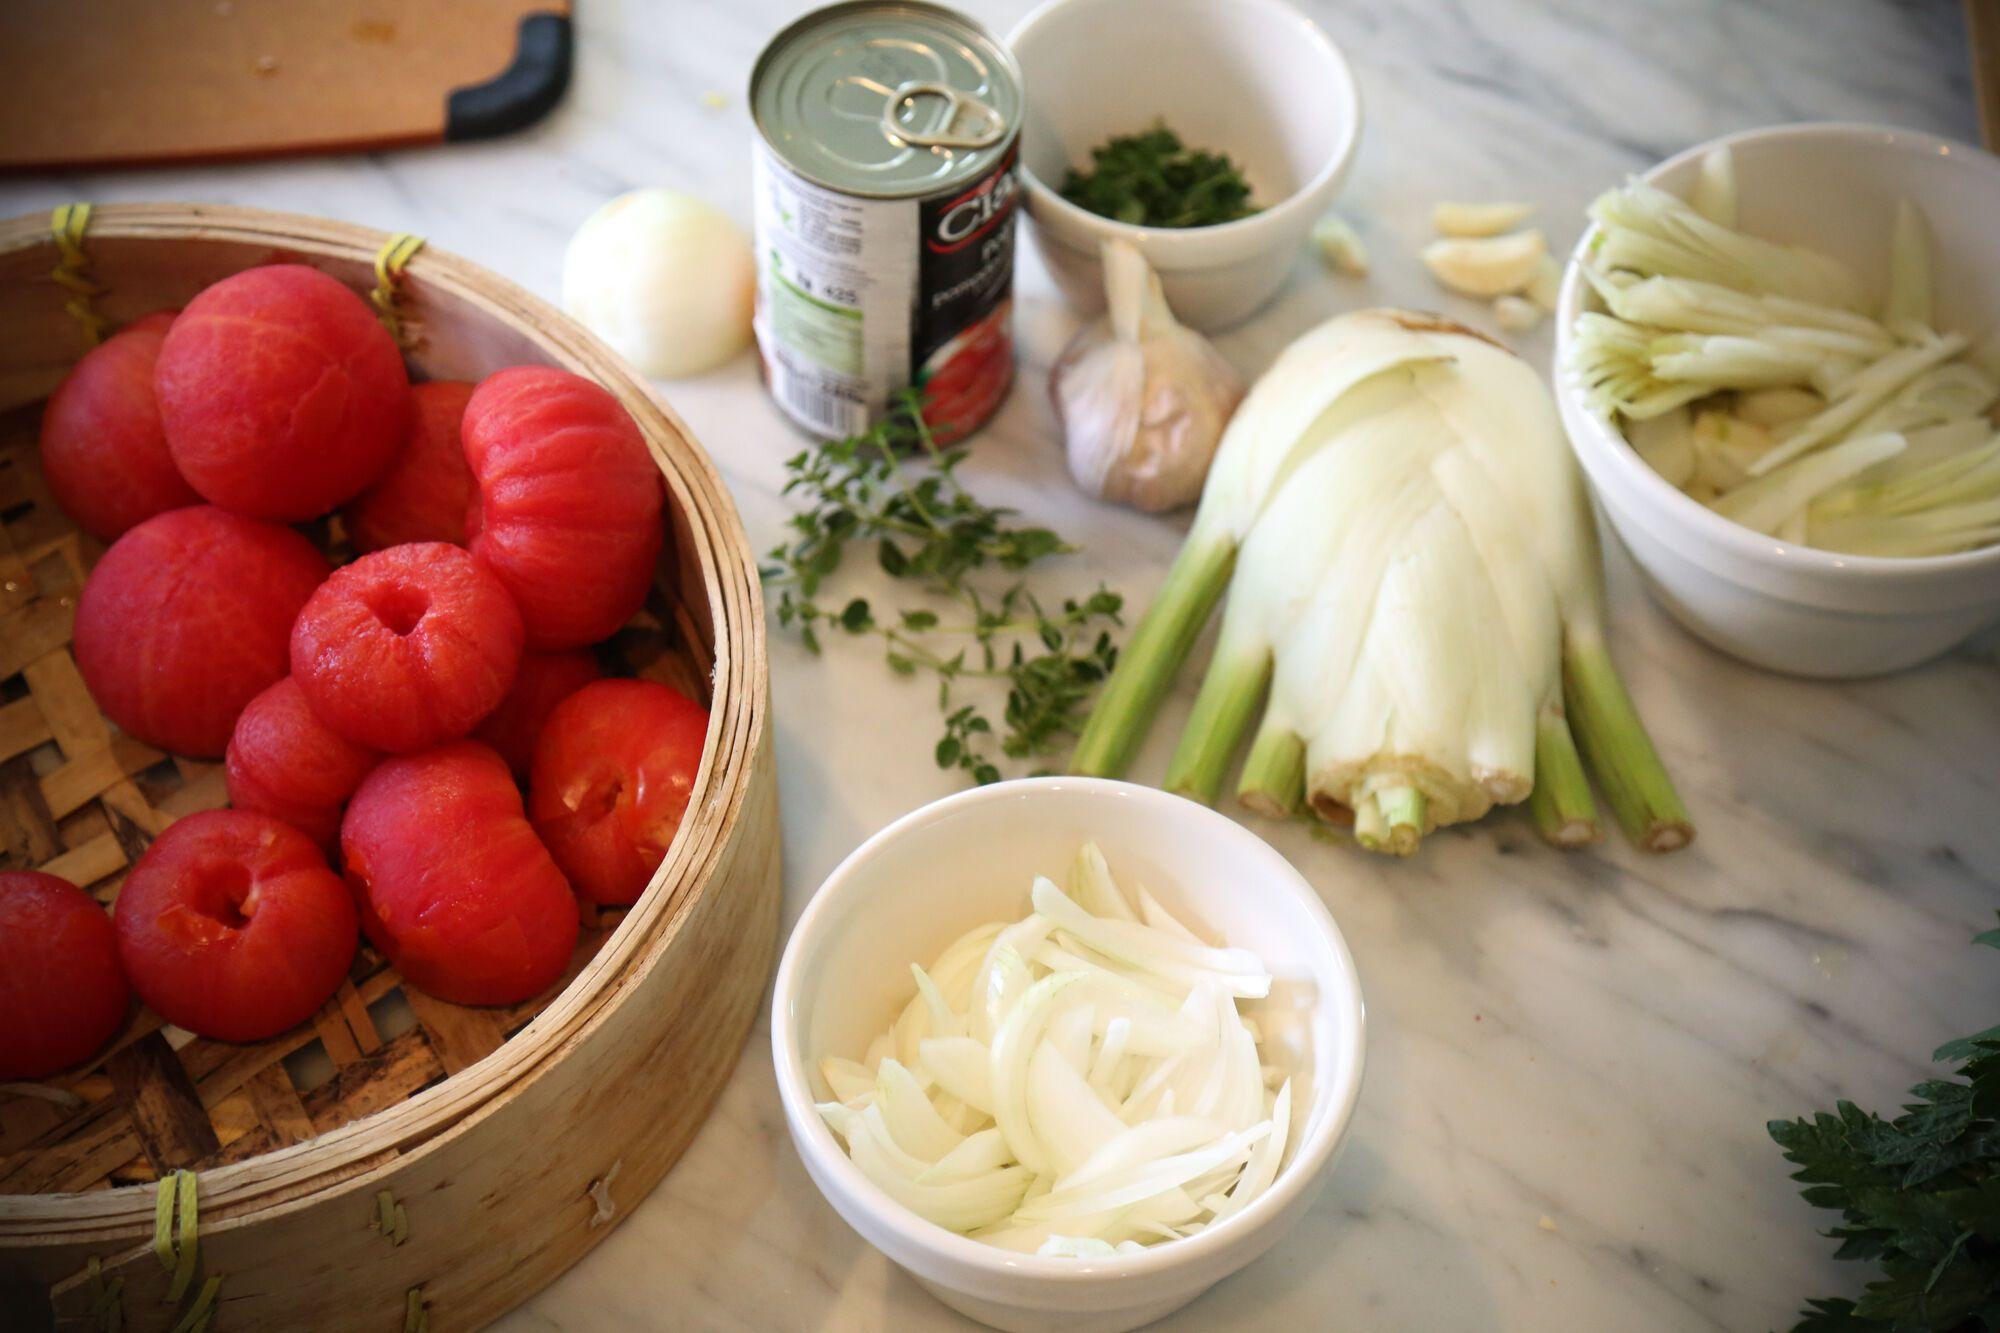 מוסיפים את השומר הפרוס. אופן ההכנה של מרק העגבניות עם הרביולי